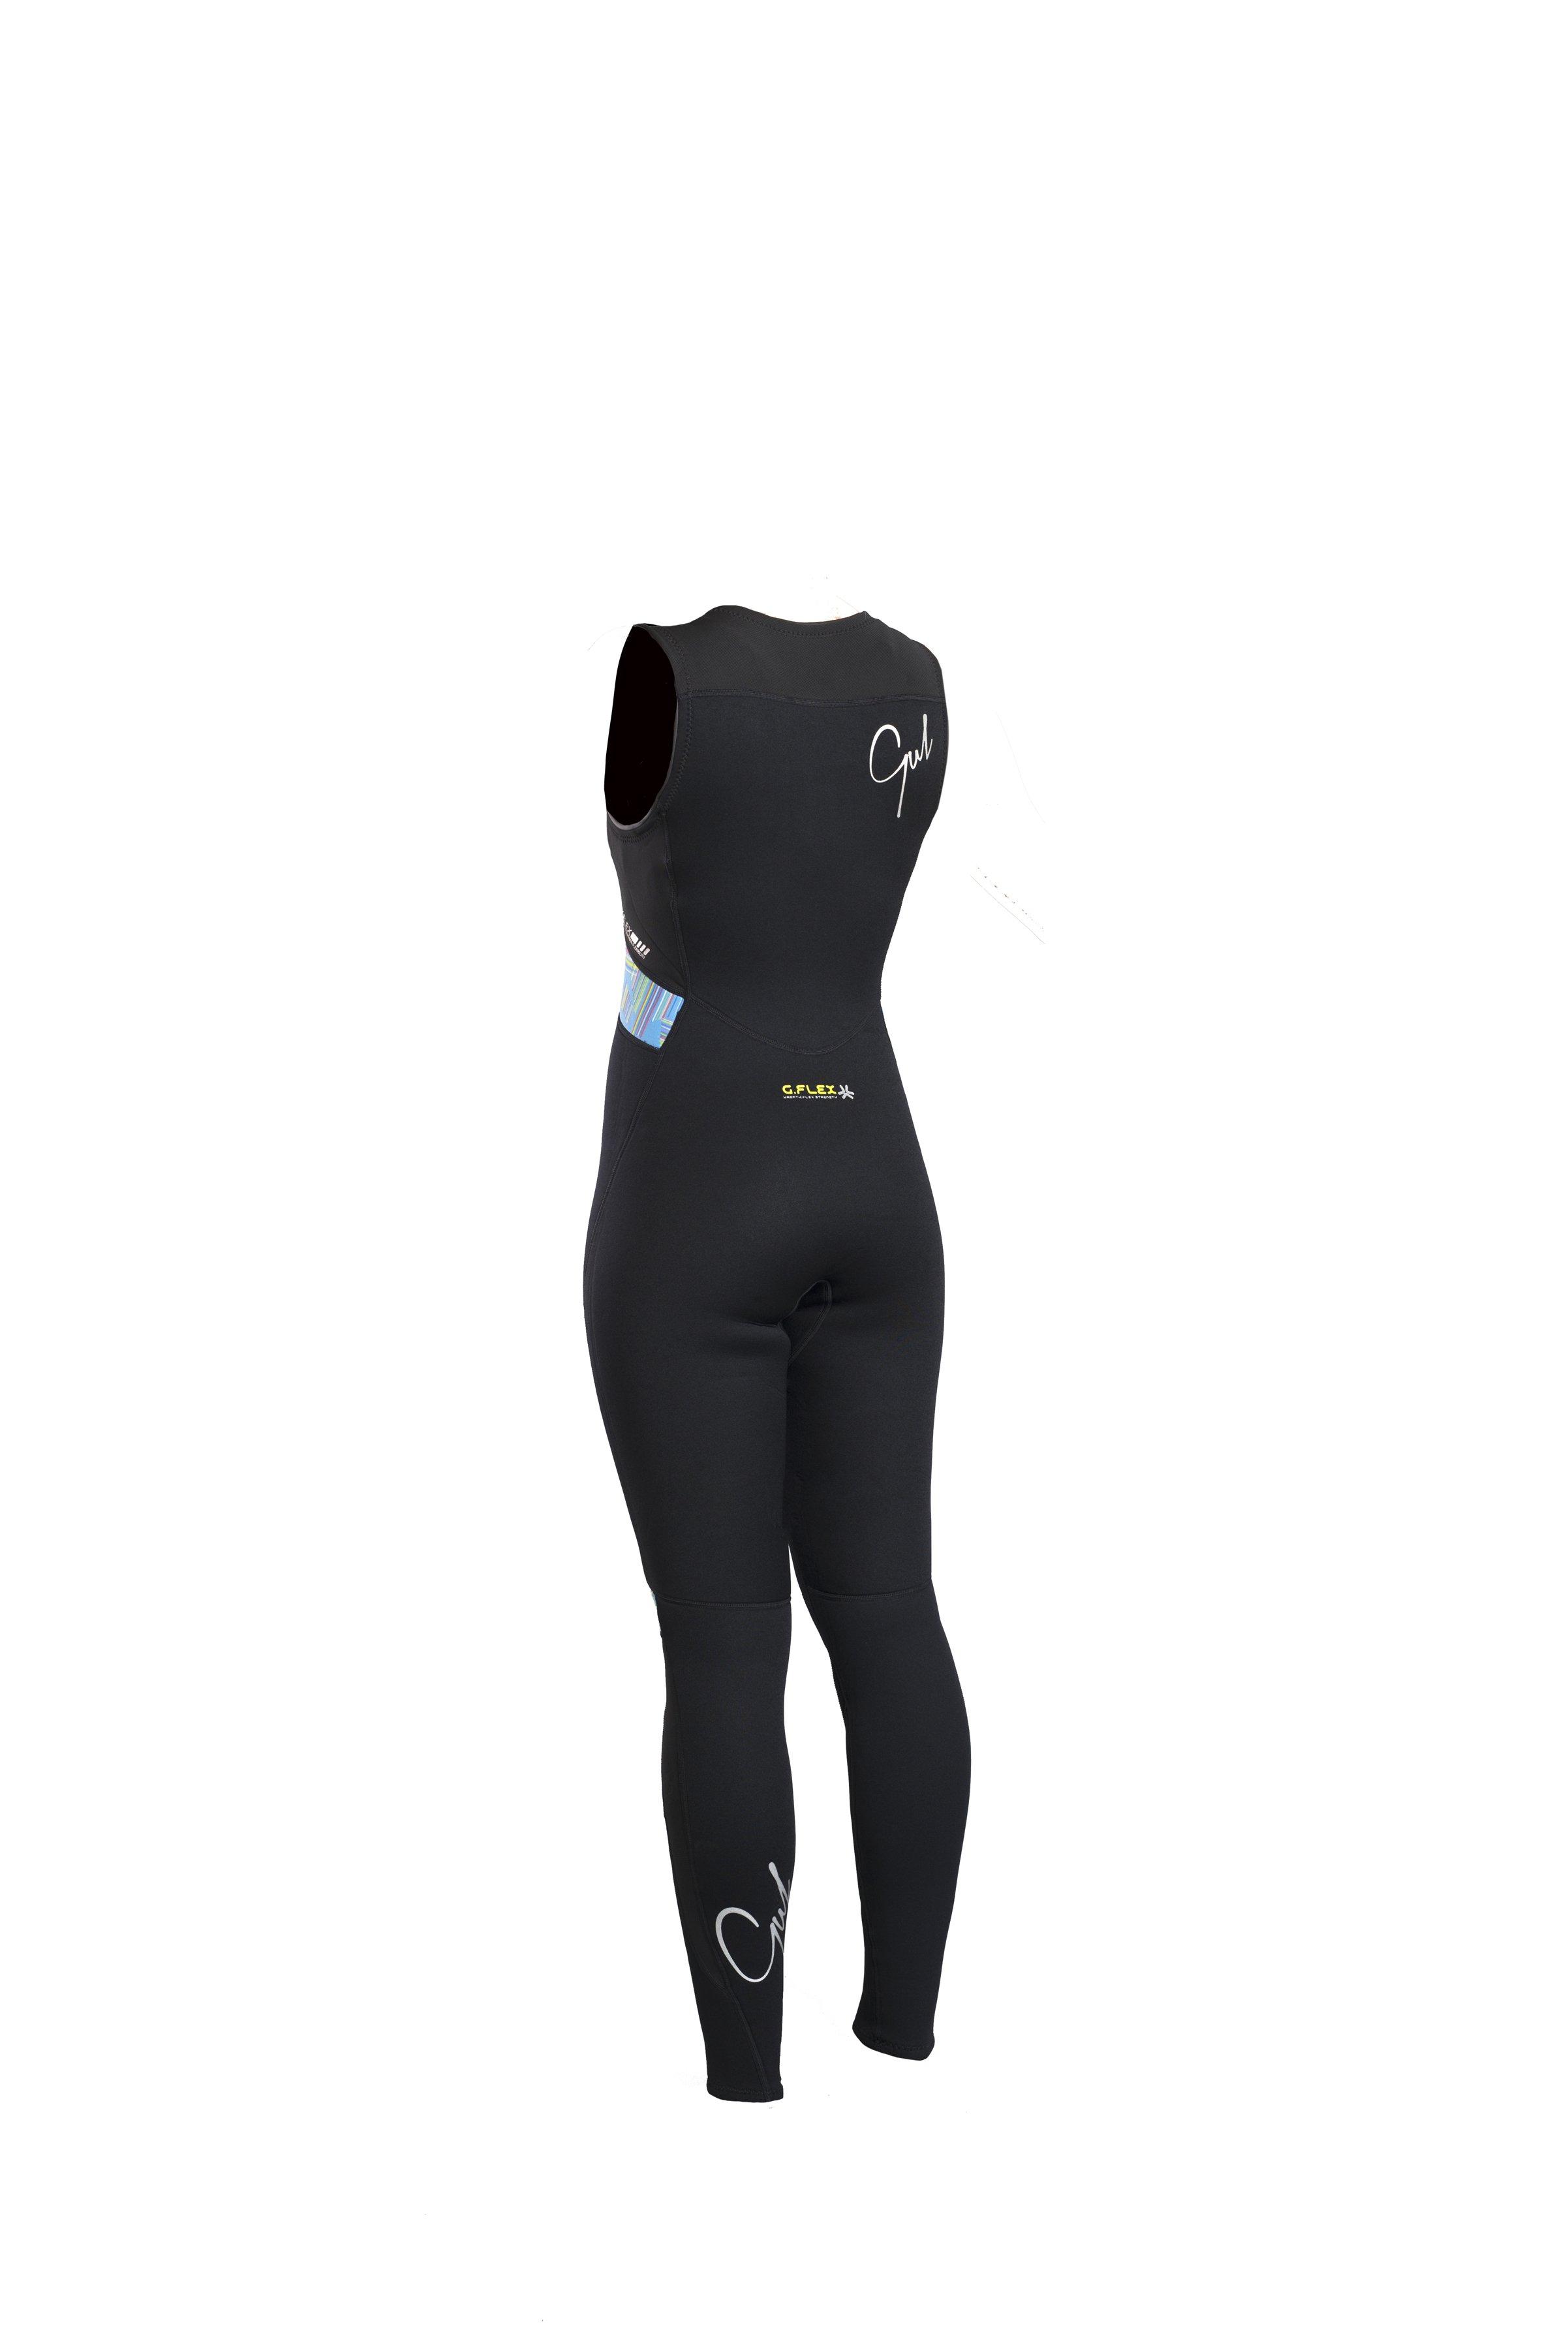 Gul Response 3mm Ladies Fl Long John Wetsuit   Re4314-B4